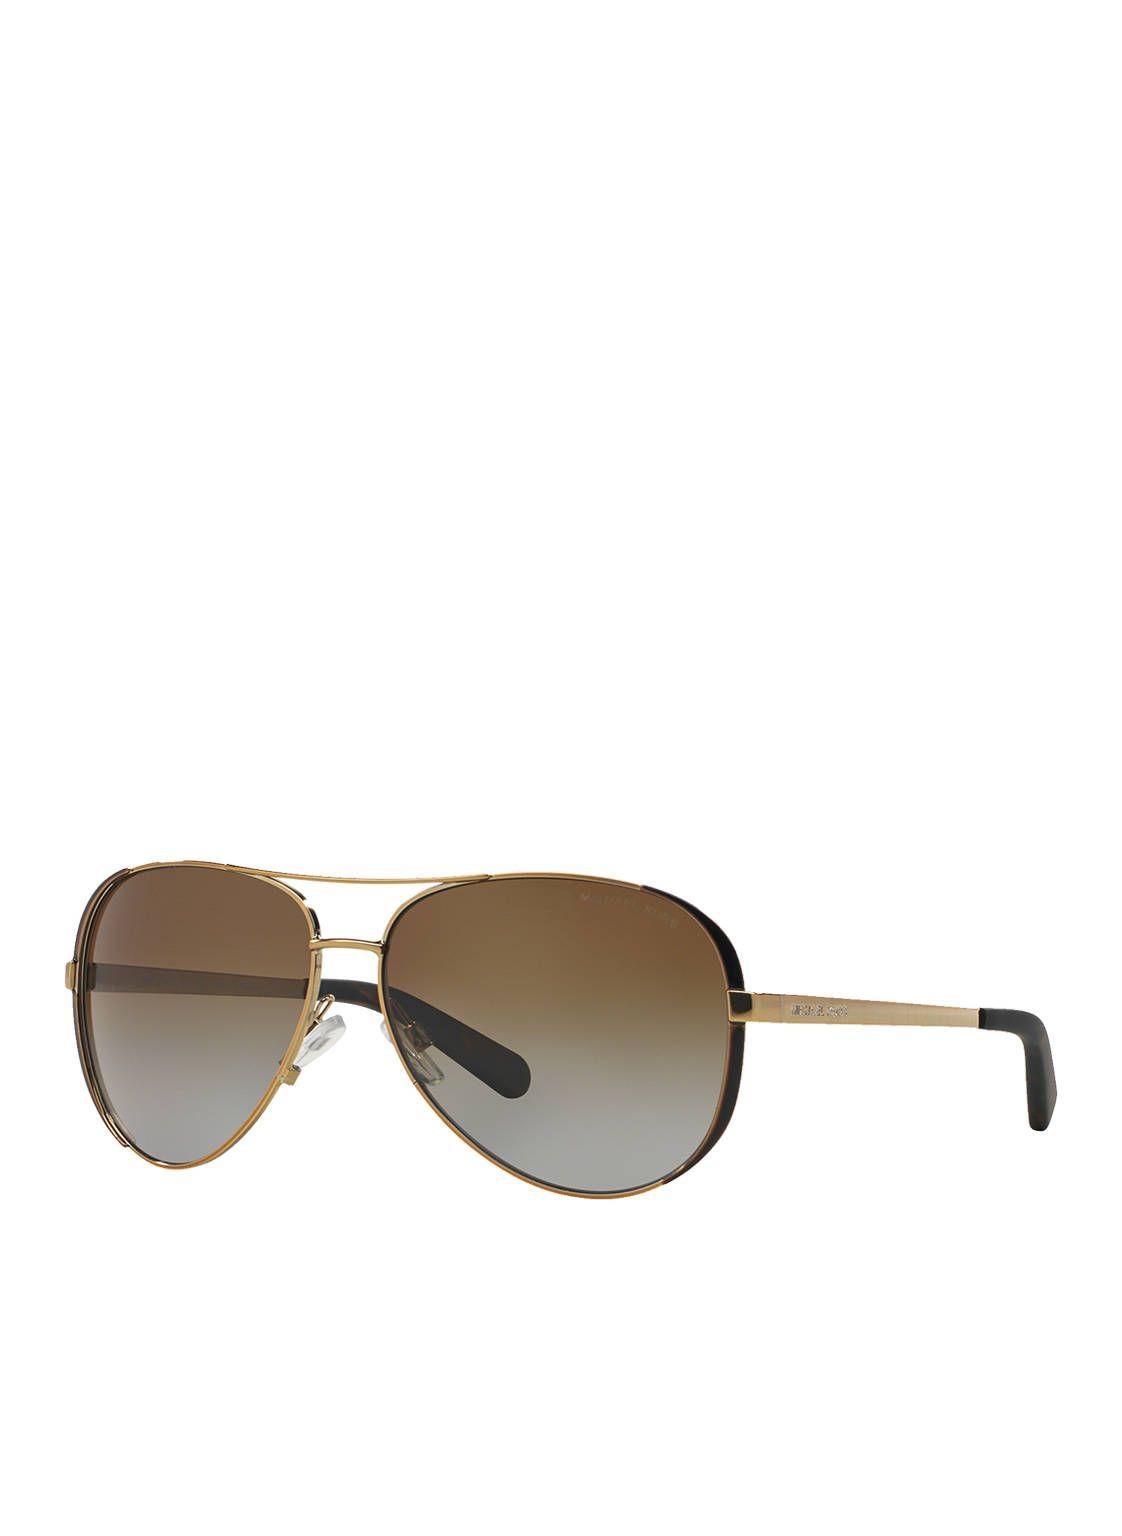 Sonnenbrille MK5004 von MICHAEL KORS bei Breuninger kaufen